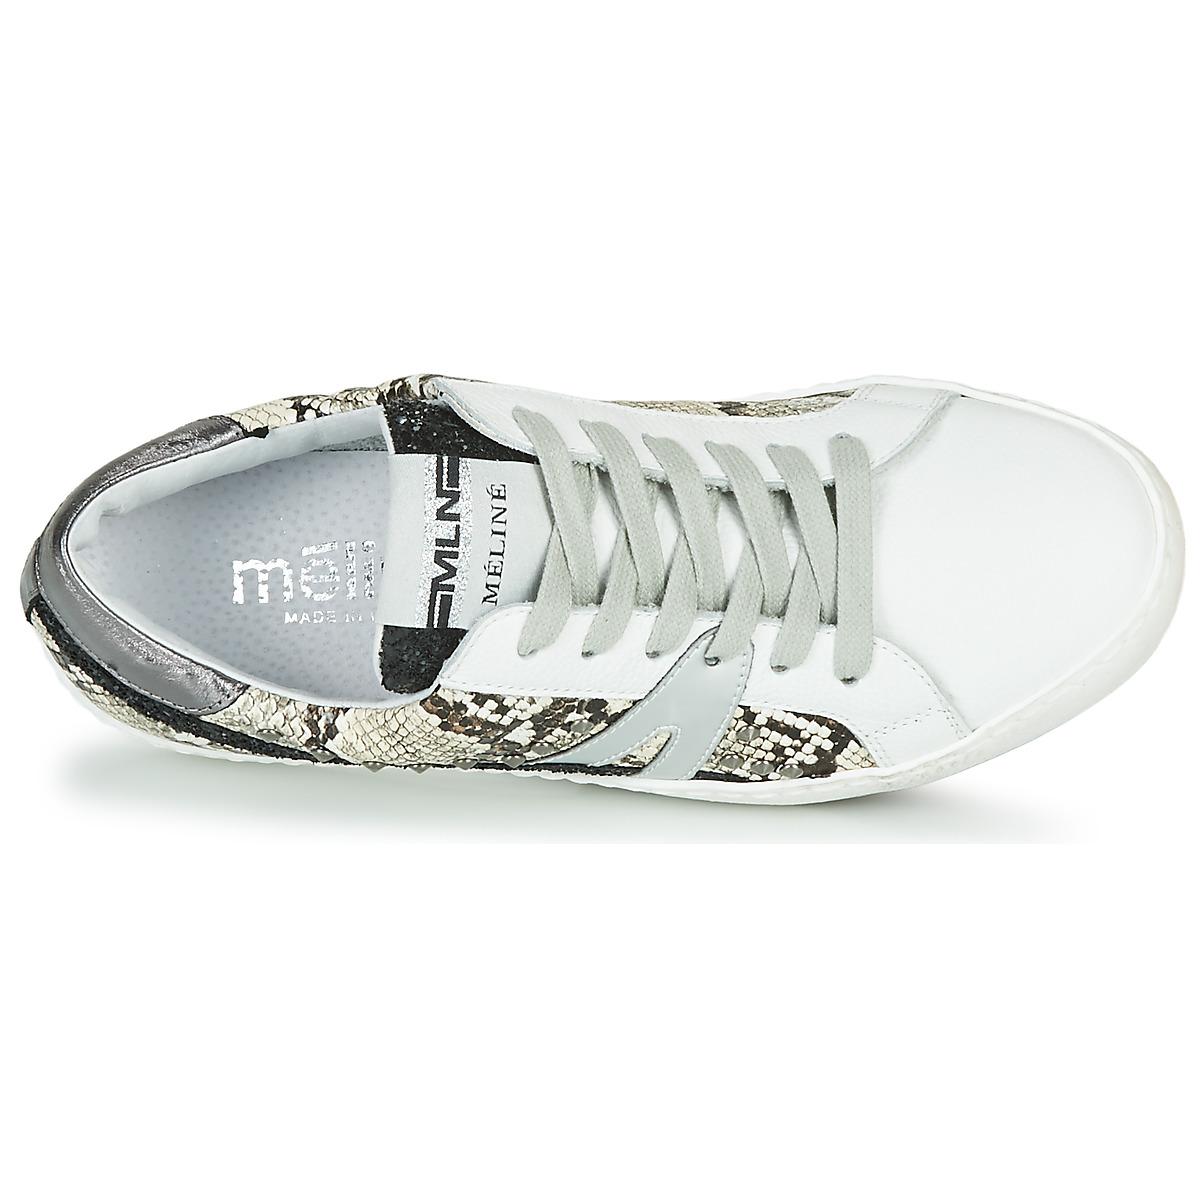 Meline Blanc / Phyton - Livraison Gratuite Chaussures Baskets Basses Femme 119,00 €